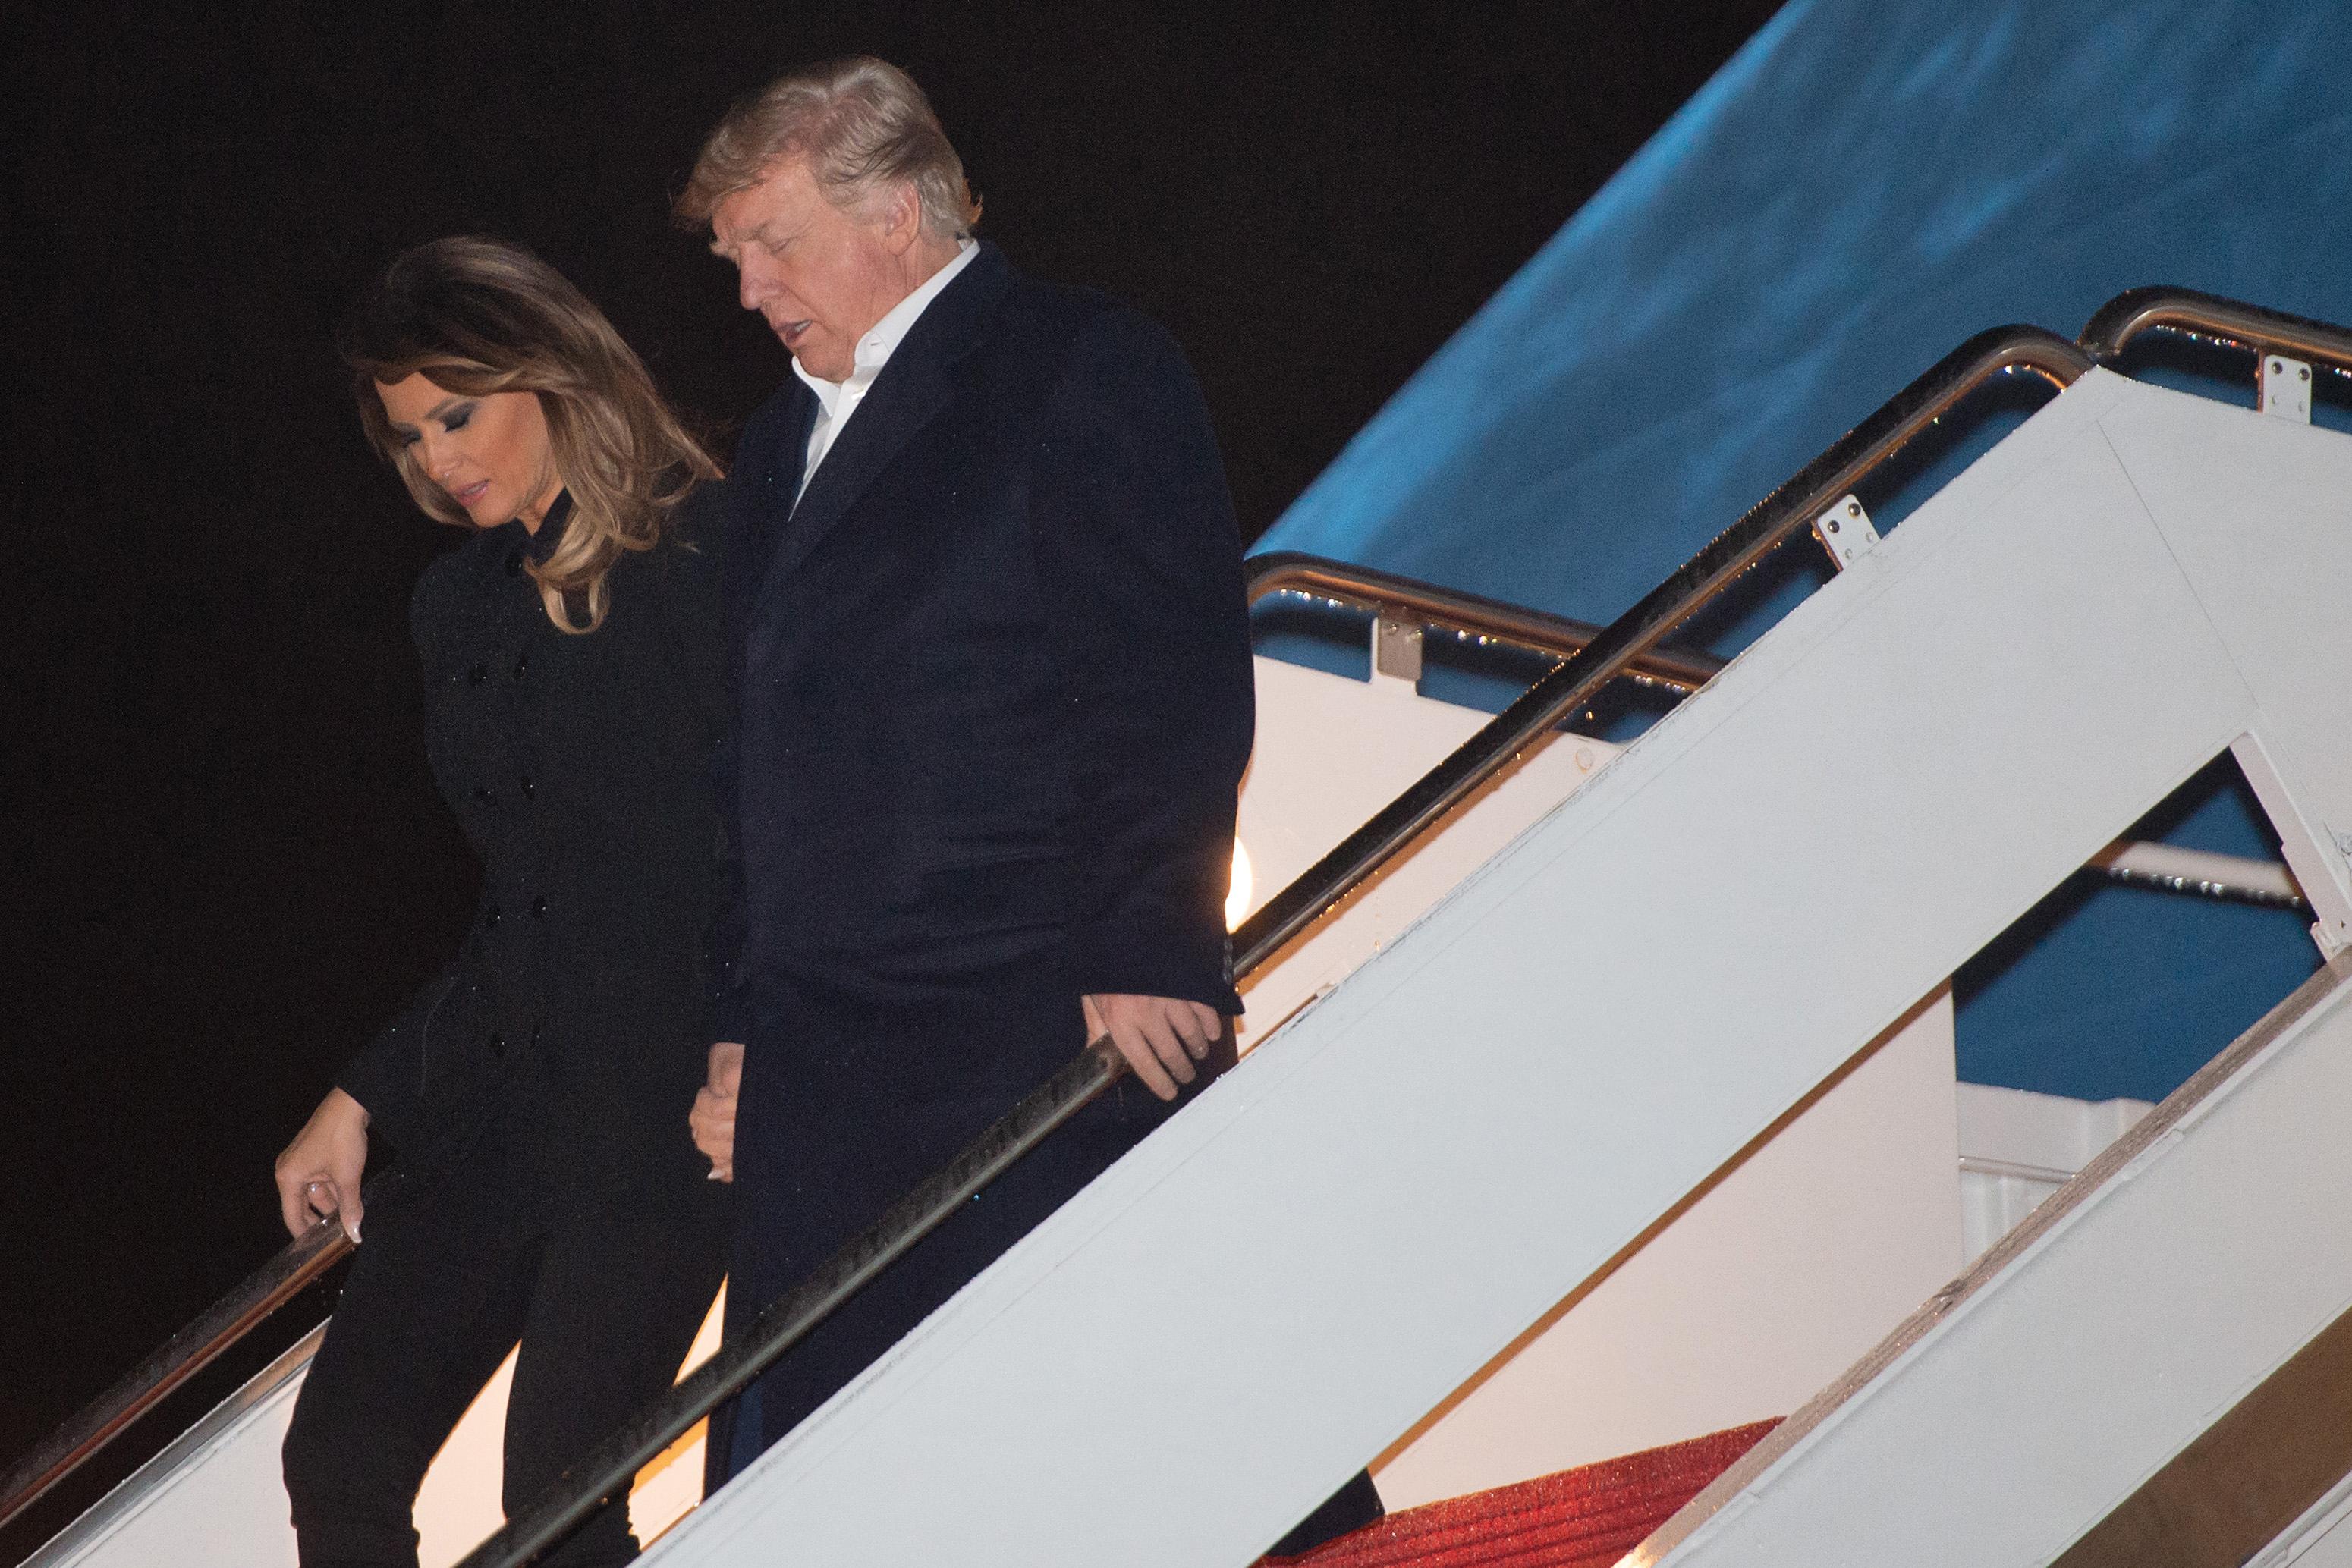 美國總統特朗普在結束特習會後立即搭空軍一號返美。圖為特朗普及第一夫人搭空軍一號返抵美國。(SAUL LOEB/AFP/Getty Images)